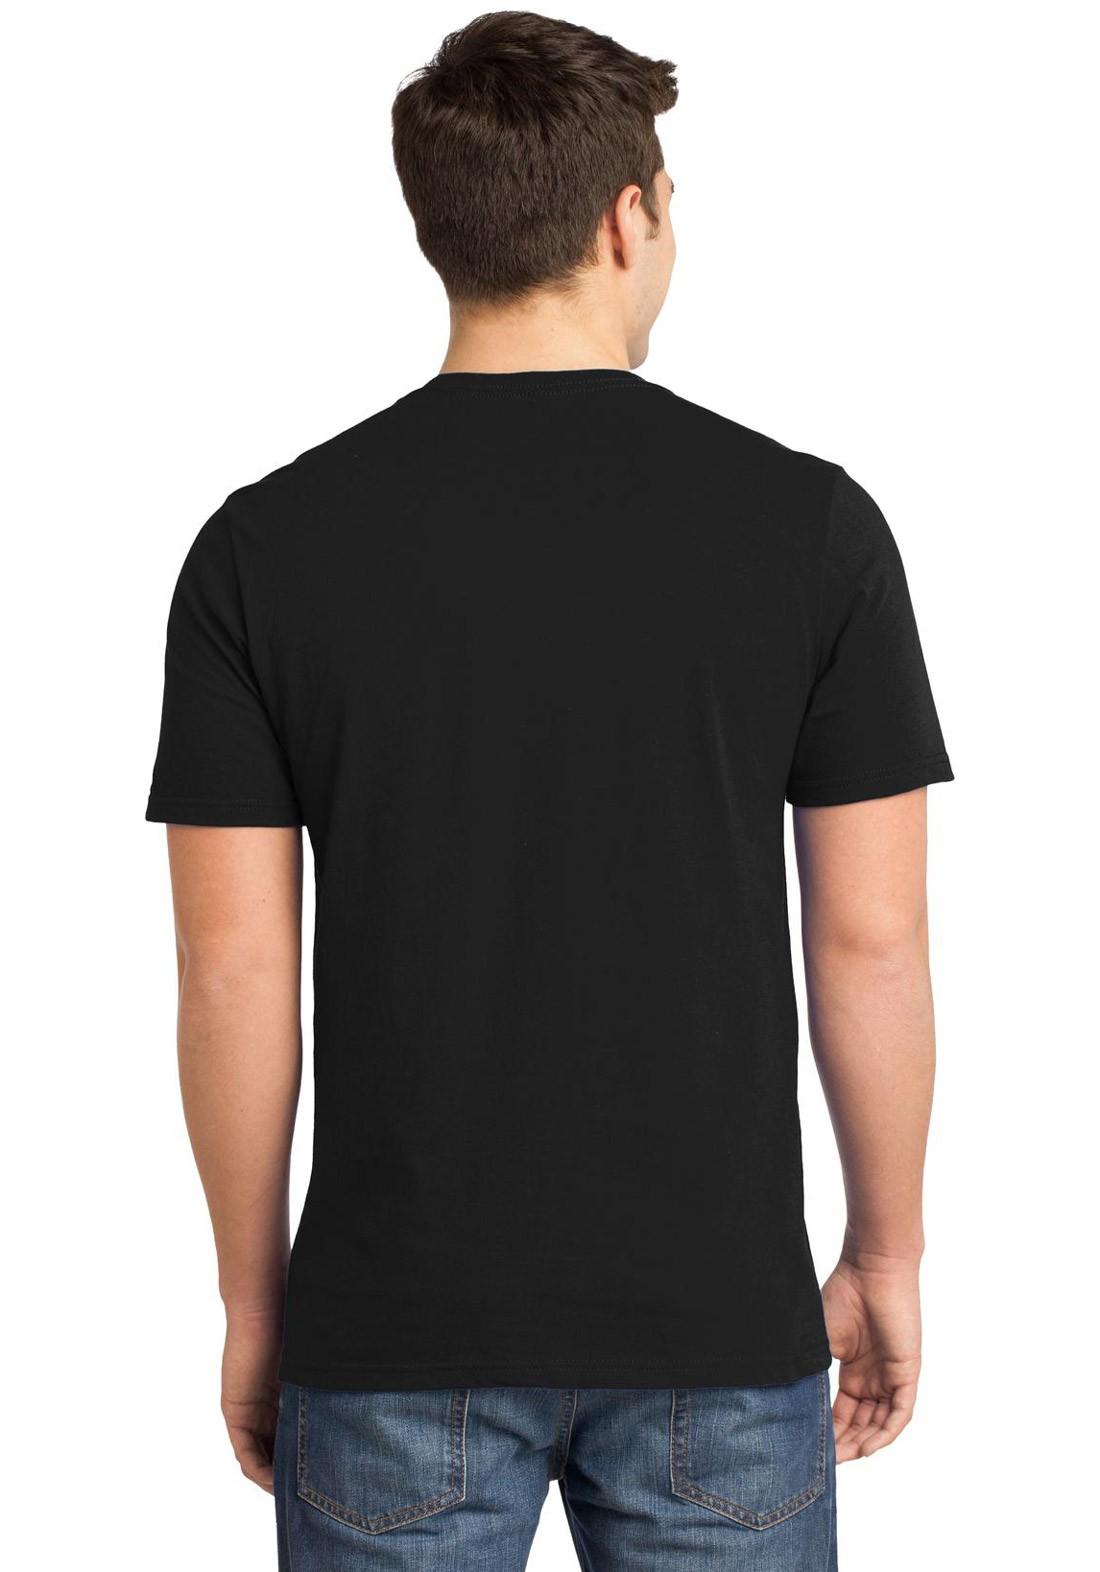 Camiseta Masculina Universitária Faculdade Engenharia da Computação